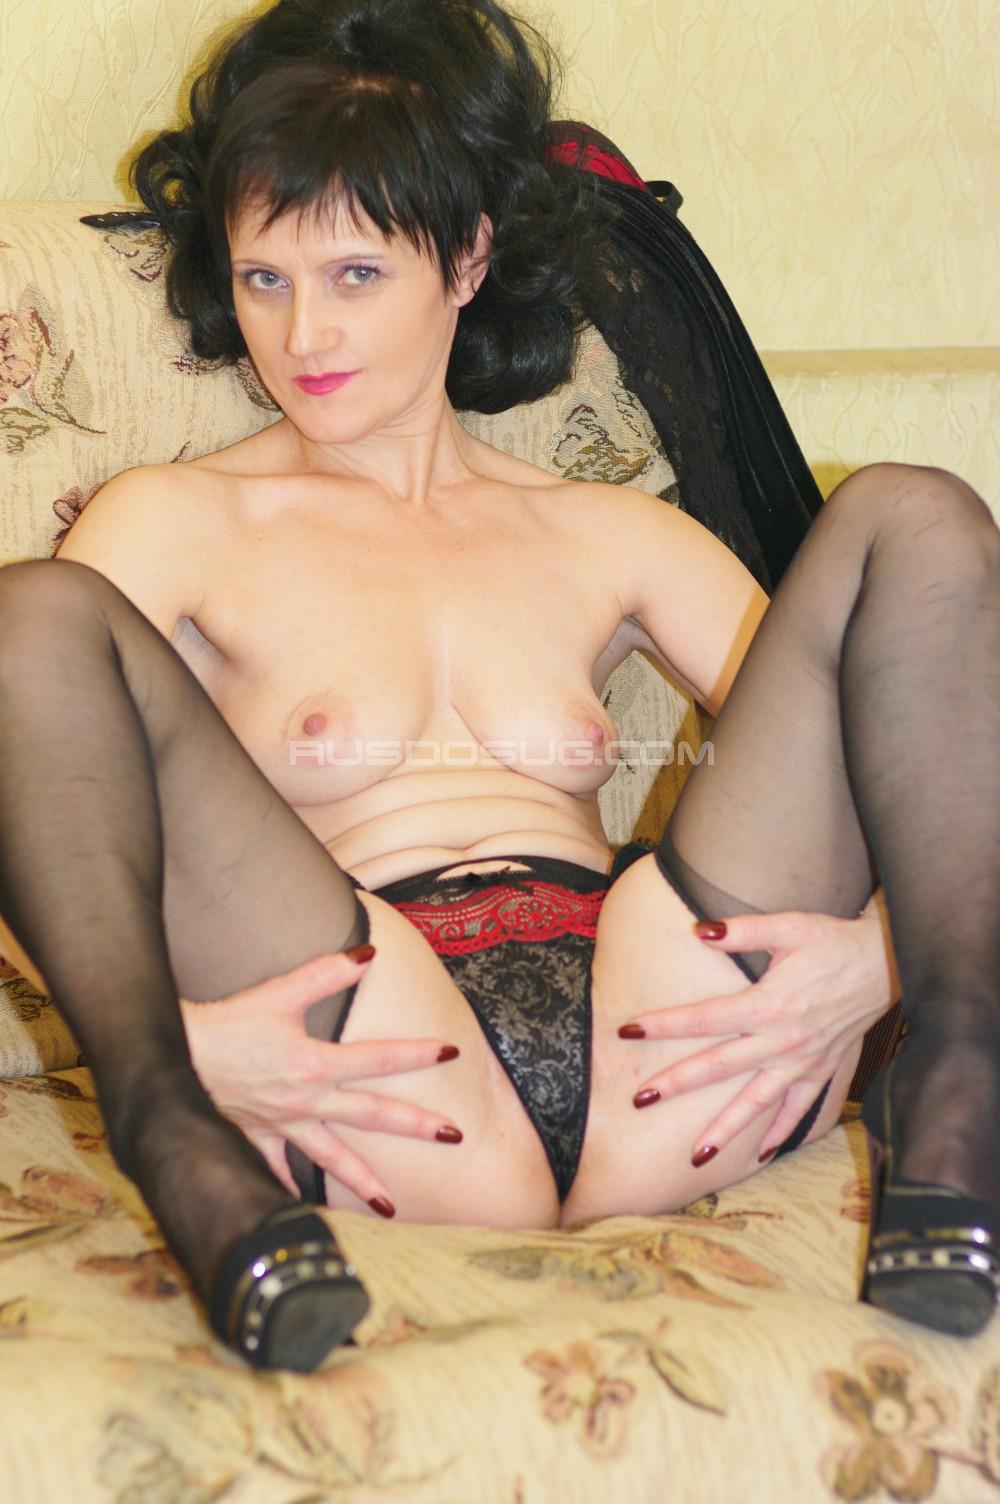 Онлайн огромными зрелые шалавы питера проституткой